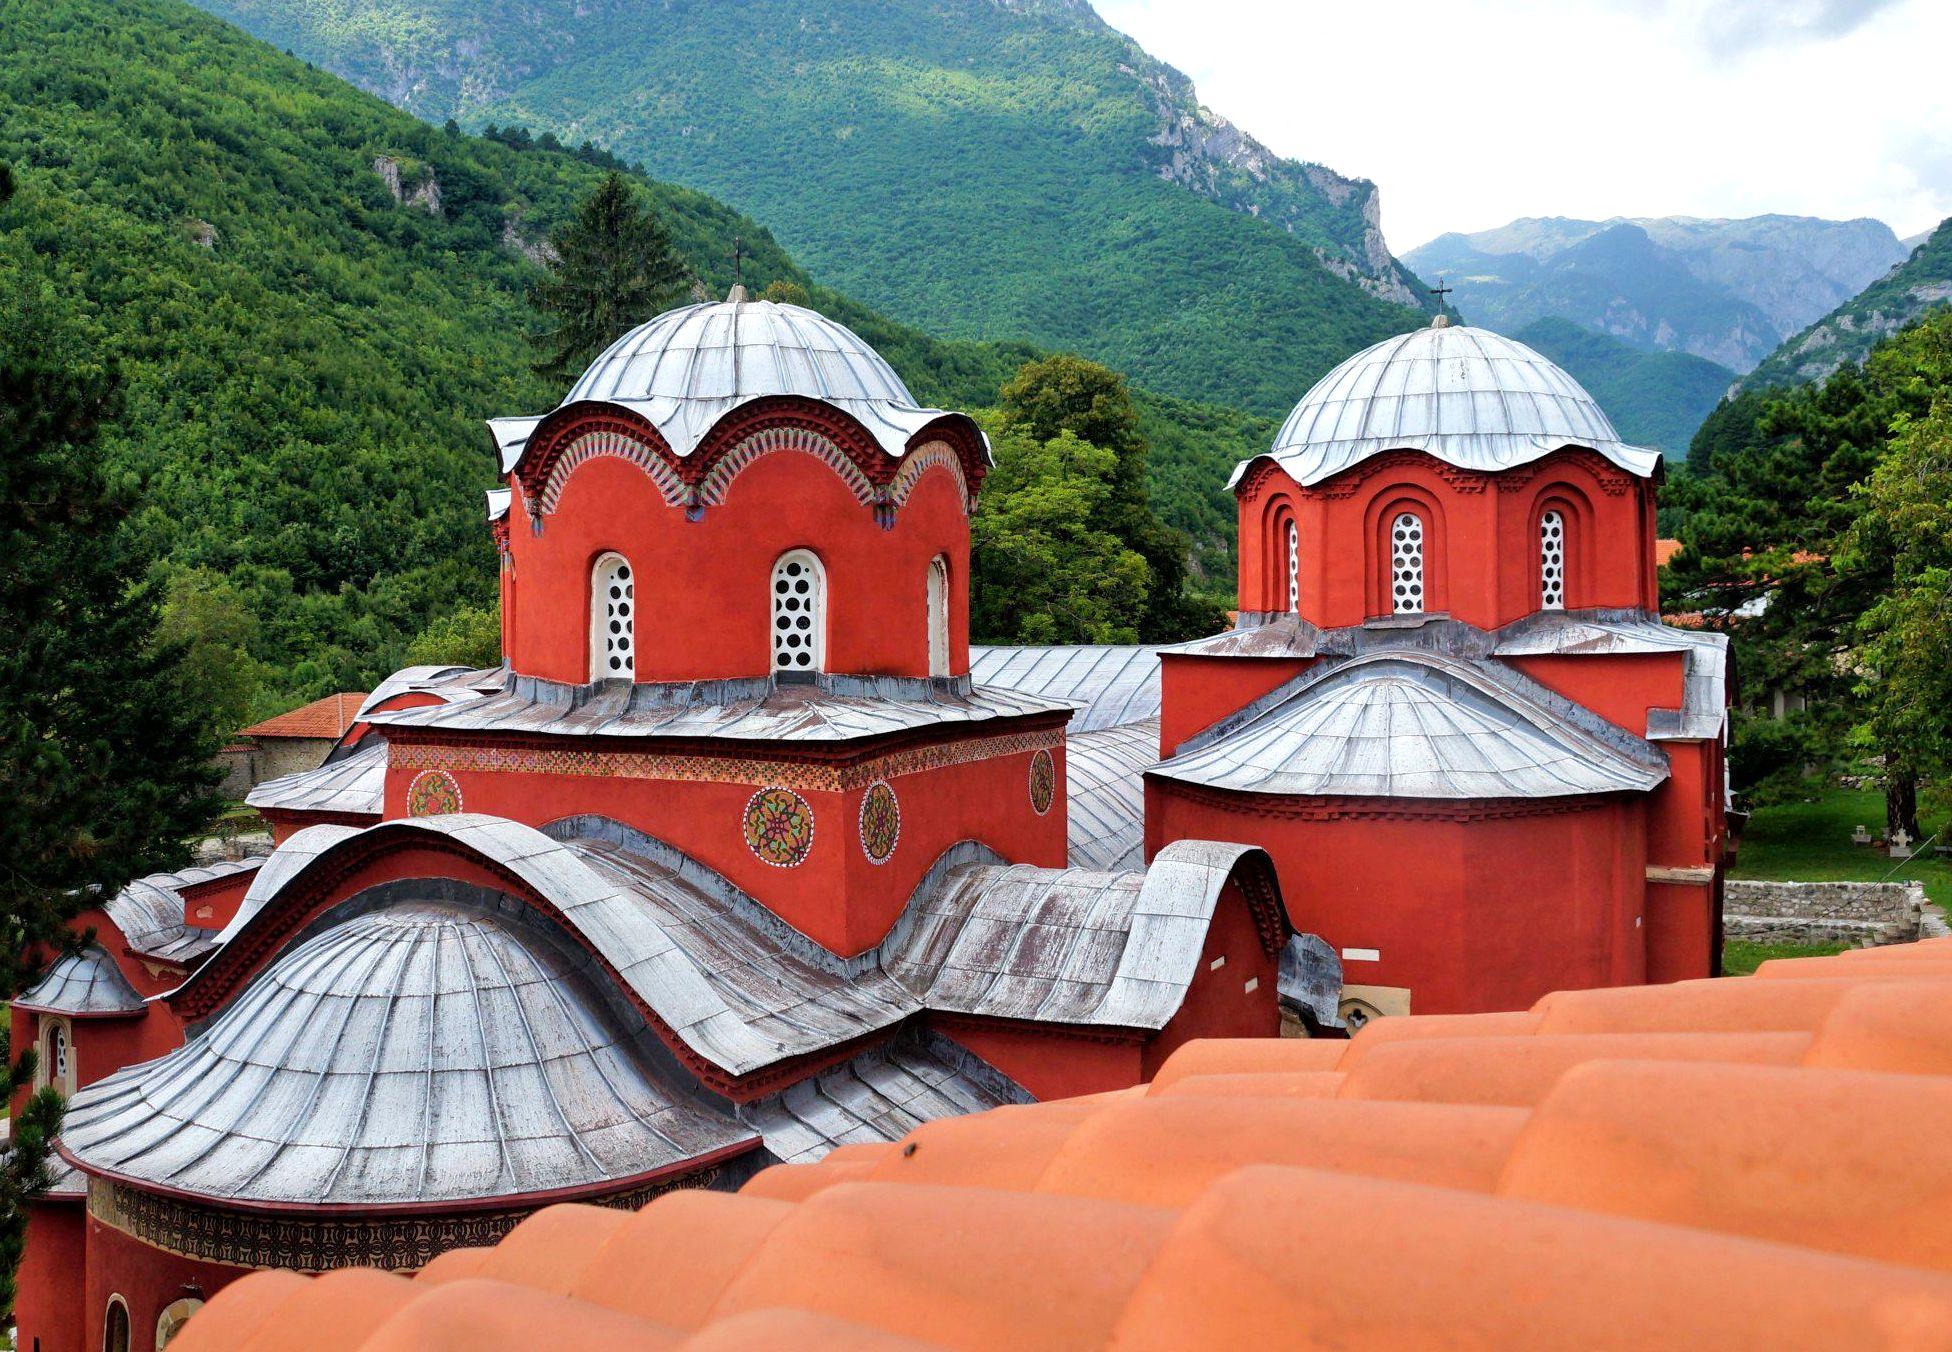 Pecka Patrijarsija to zespół czterech połączonych cerkwi